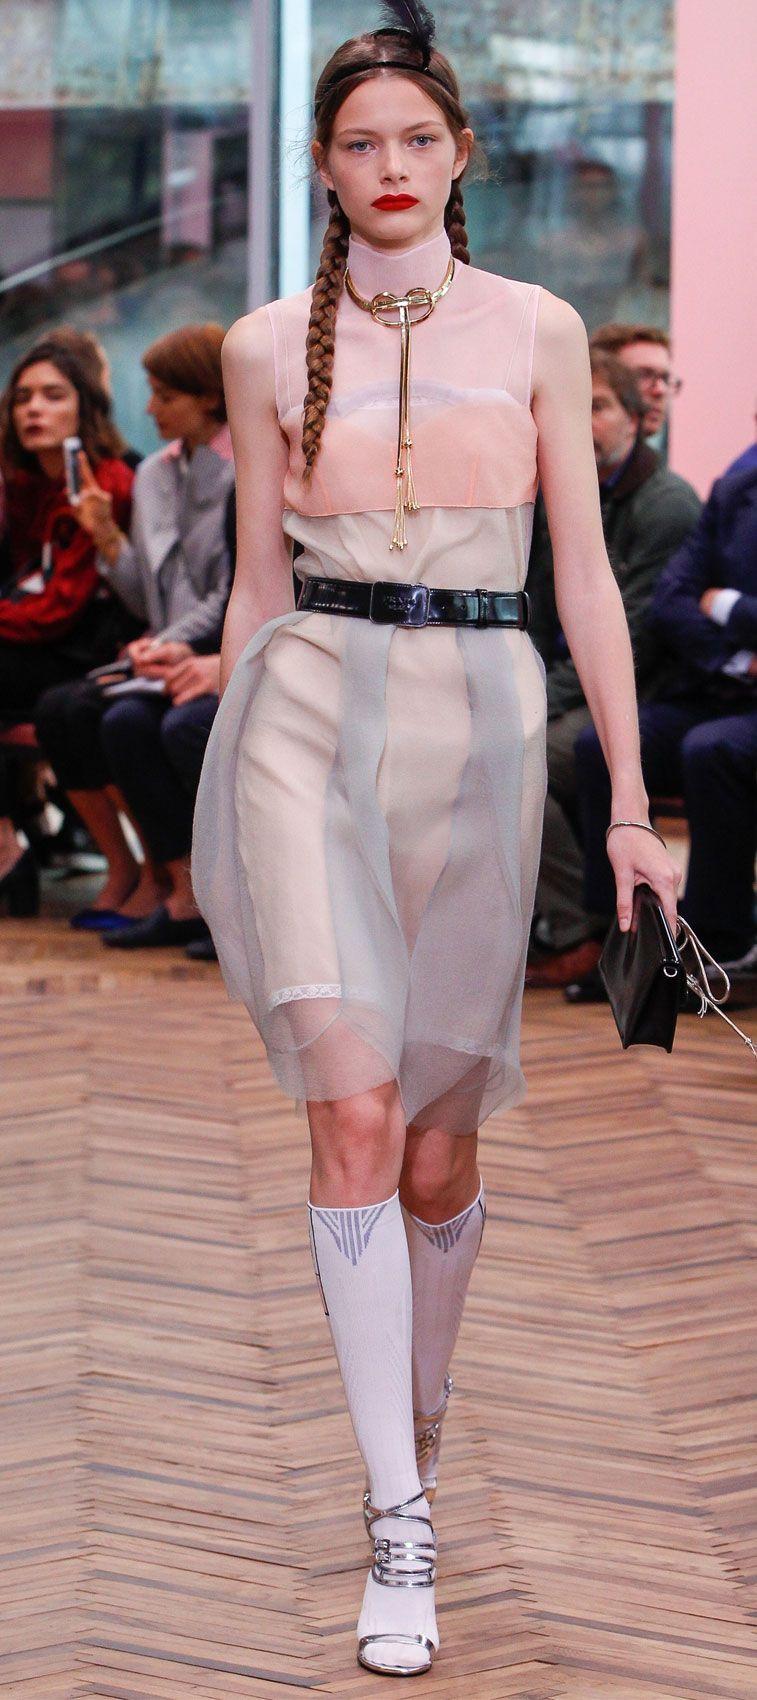 Prada Resort 2018 womenswear - Fashion show ,men fashion , summer fashion ,summer outfit ,summer wear on trends #fashion #runway #resort2018